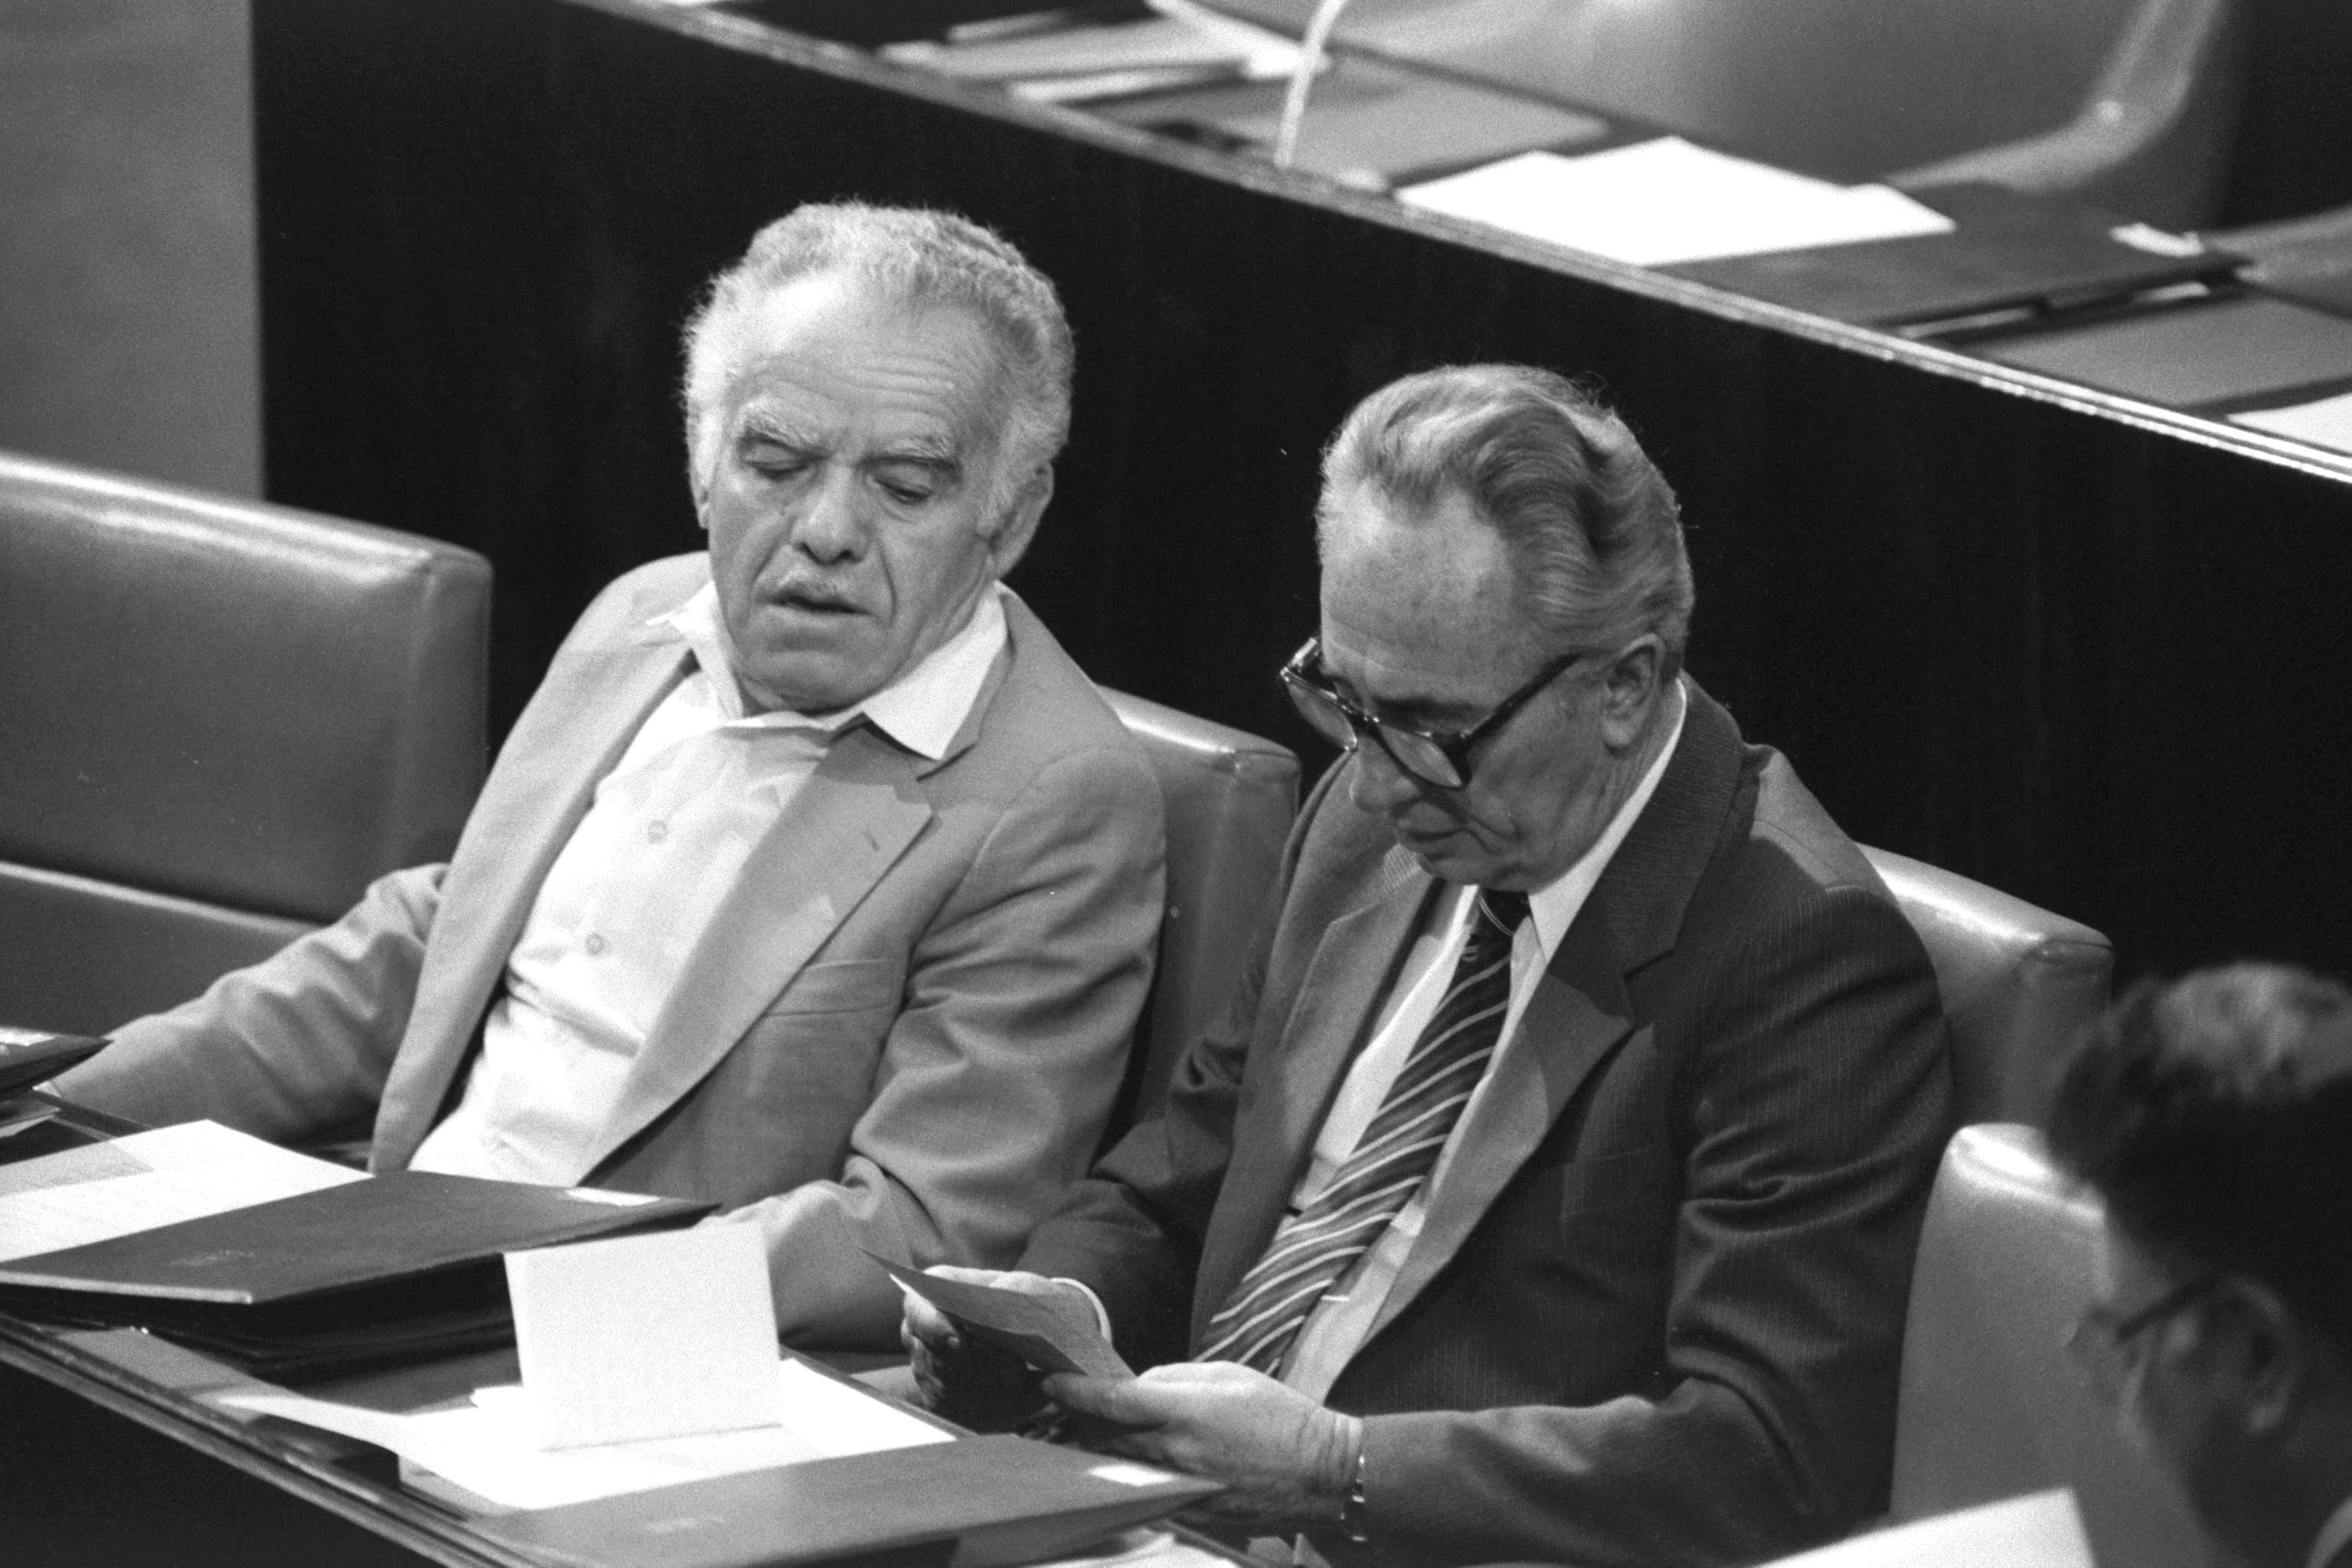 ראש הממשלה שמעון פרס וסגנו יצחק שמיר ליד שולחן הממשלה בכנסת, נובמבר 1985. באוקטובר 1986 התחלפו ביניהם האישים בתפקידיהם.